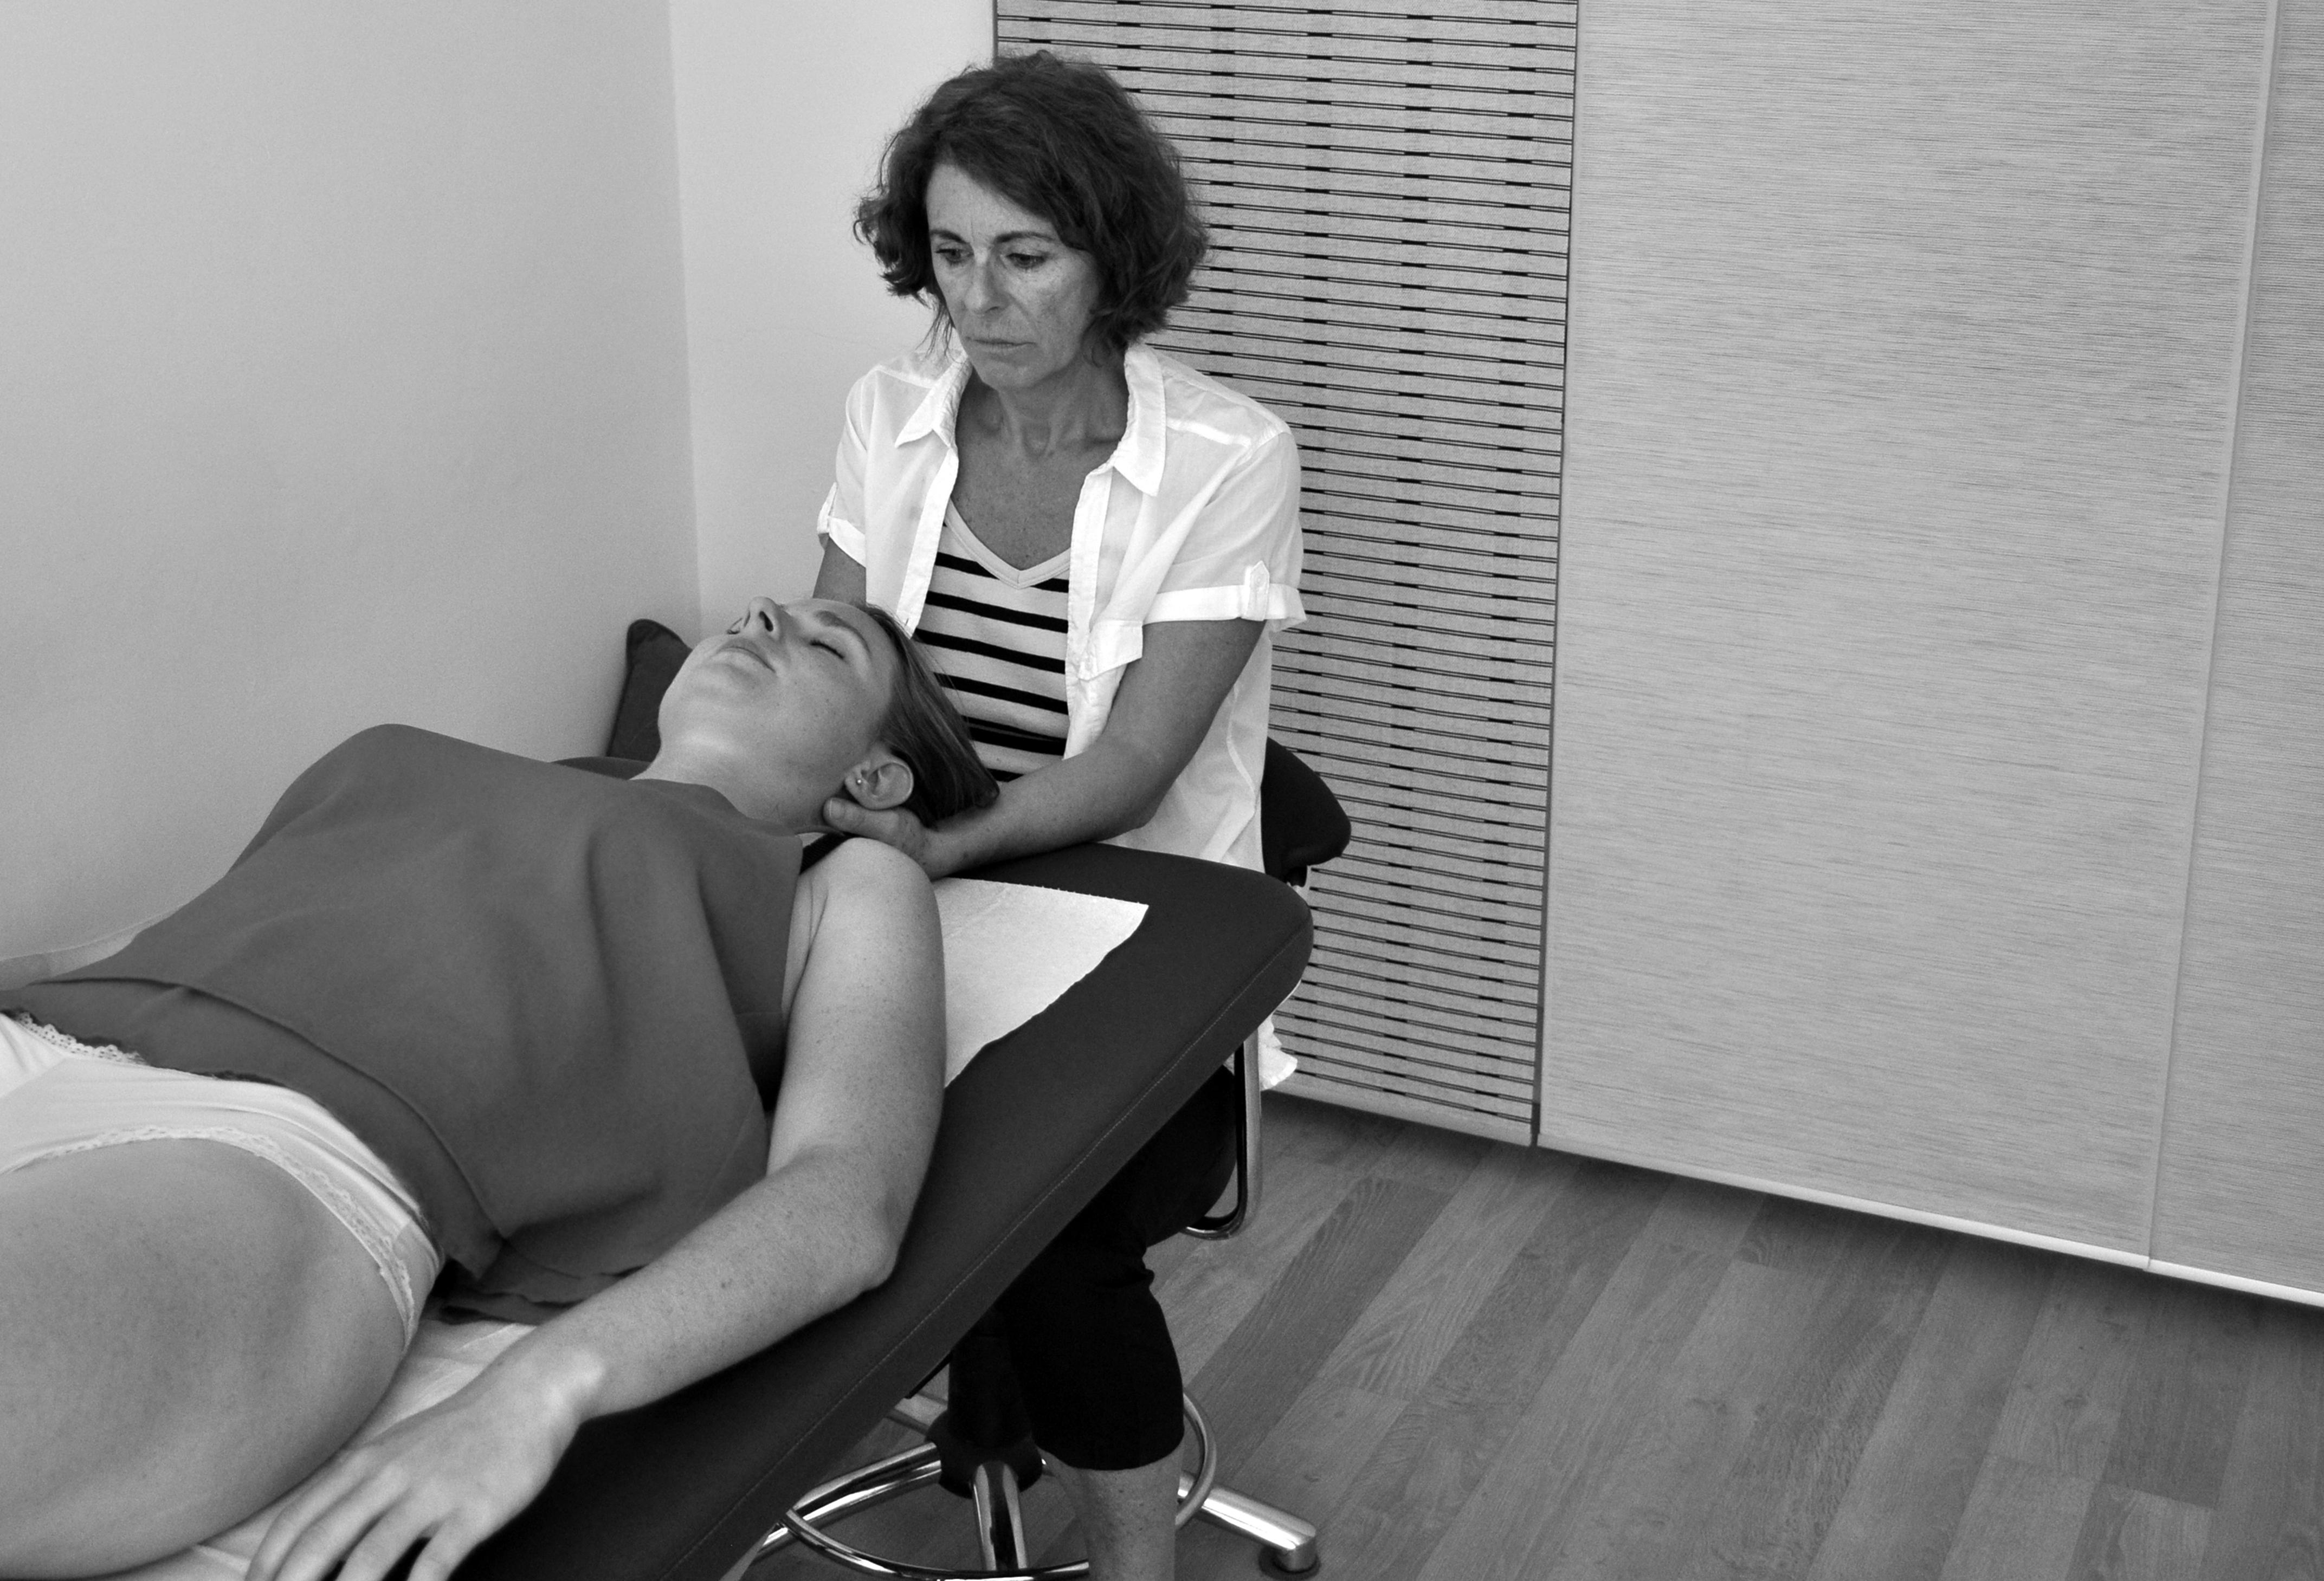 Séance d'ostéopathie au cabinet pour douleurs cou